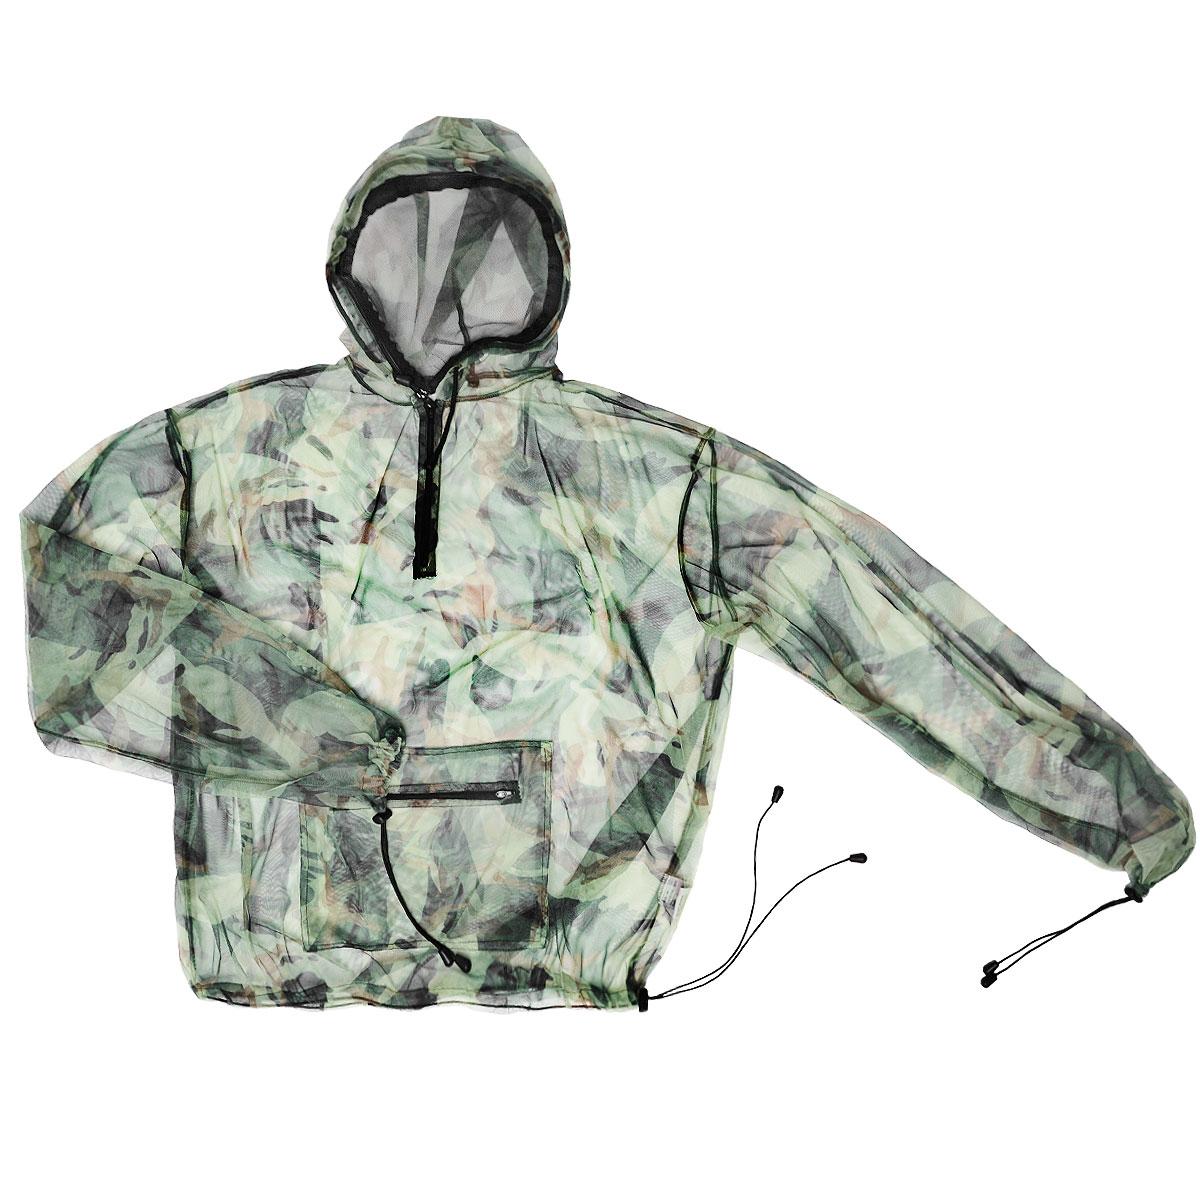 6020Антимоскитная куртка защитит тело и лицо от насекомых. Куртка с капюшоном и длинными рукавами, выполненная из легкой сетки, на груди застегивается на застежку-молнию. Манжеты на рукавах и низ изделия затягиваются при помощи эластичных резинок с фиксаторами. Спереди она дополнена вместительным карманом на застежке-молнии. Капюшон оснащен защитой лица, которую при необходимости можно снять. Особенности модели: Защита тела и лица от насекомых Передняя молния Возможность снятия защиты с лица Манжеты на рукавах Нижняя стяжка куртки с фиксатором.